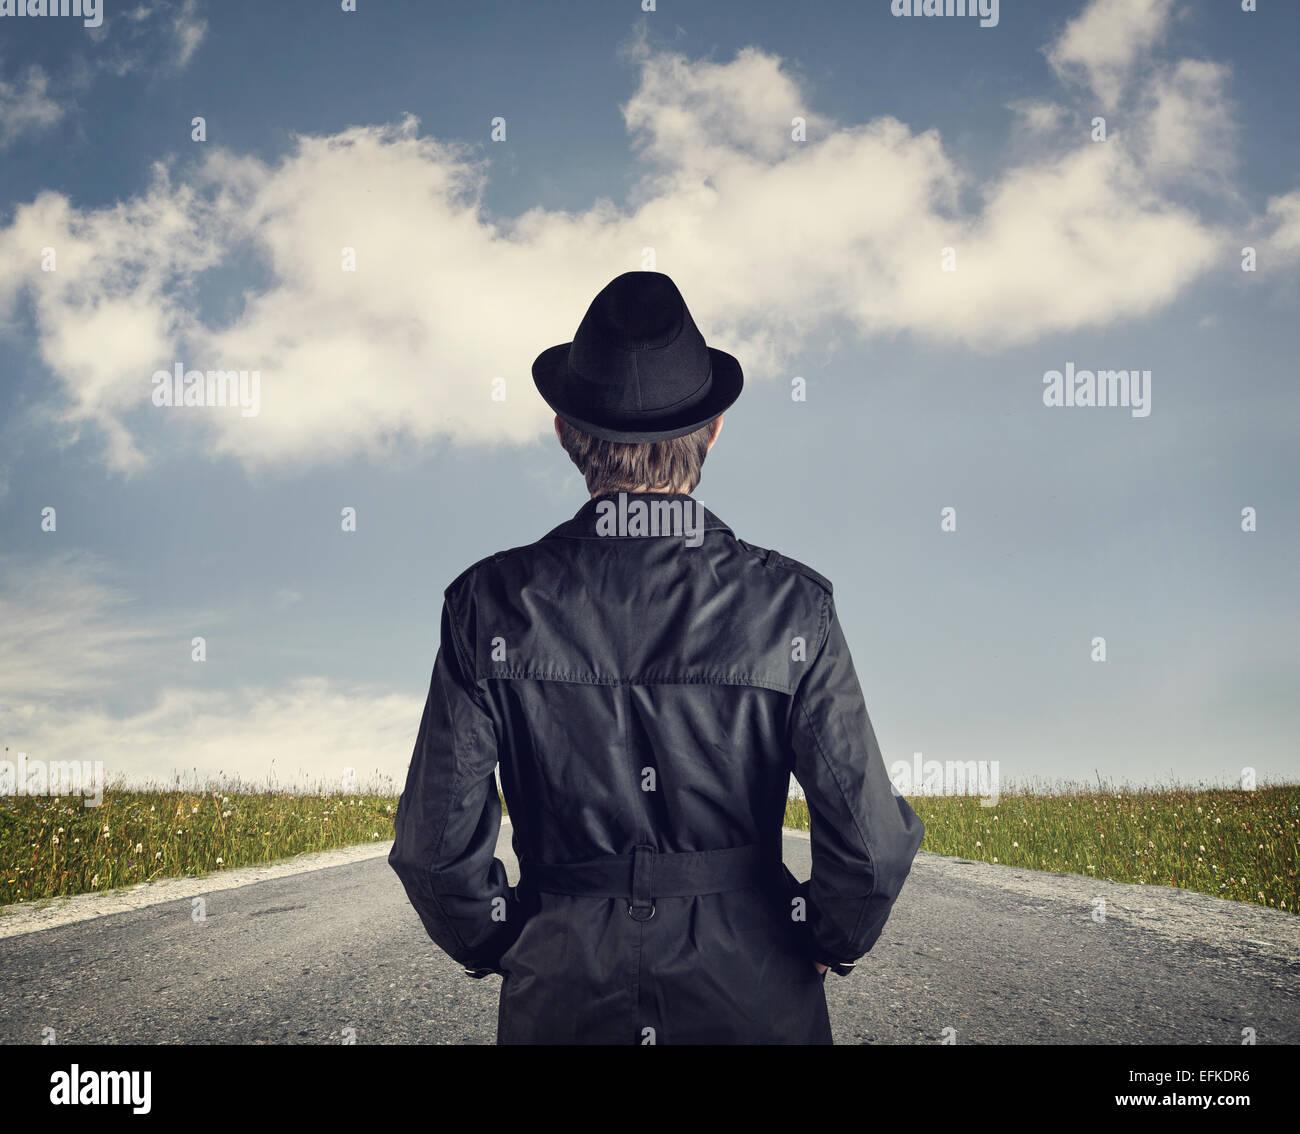 Mann im schwarzen Hut auf der Straße bei bewölktem Himmelshintergrund Stockbild